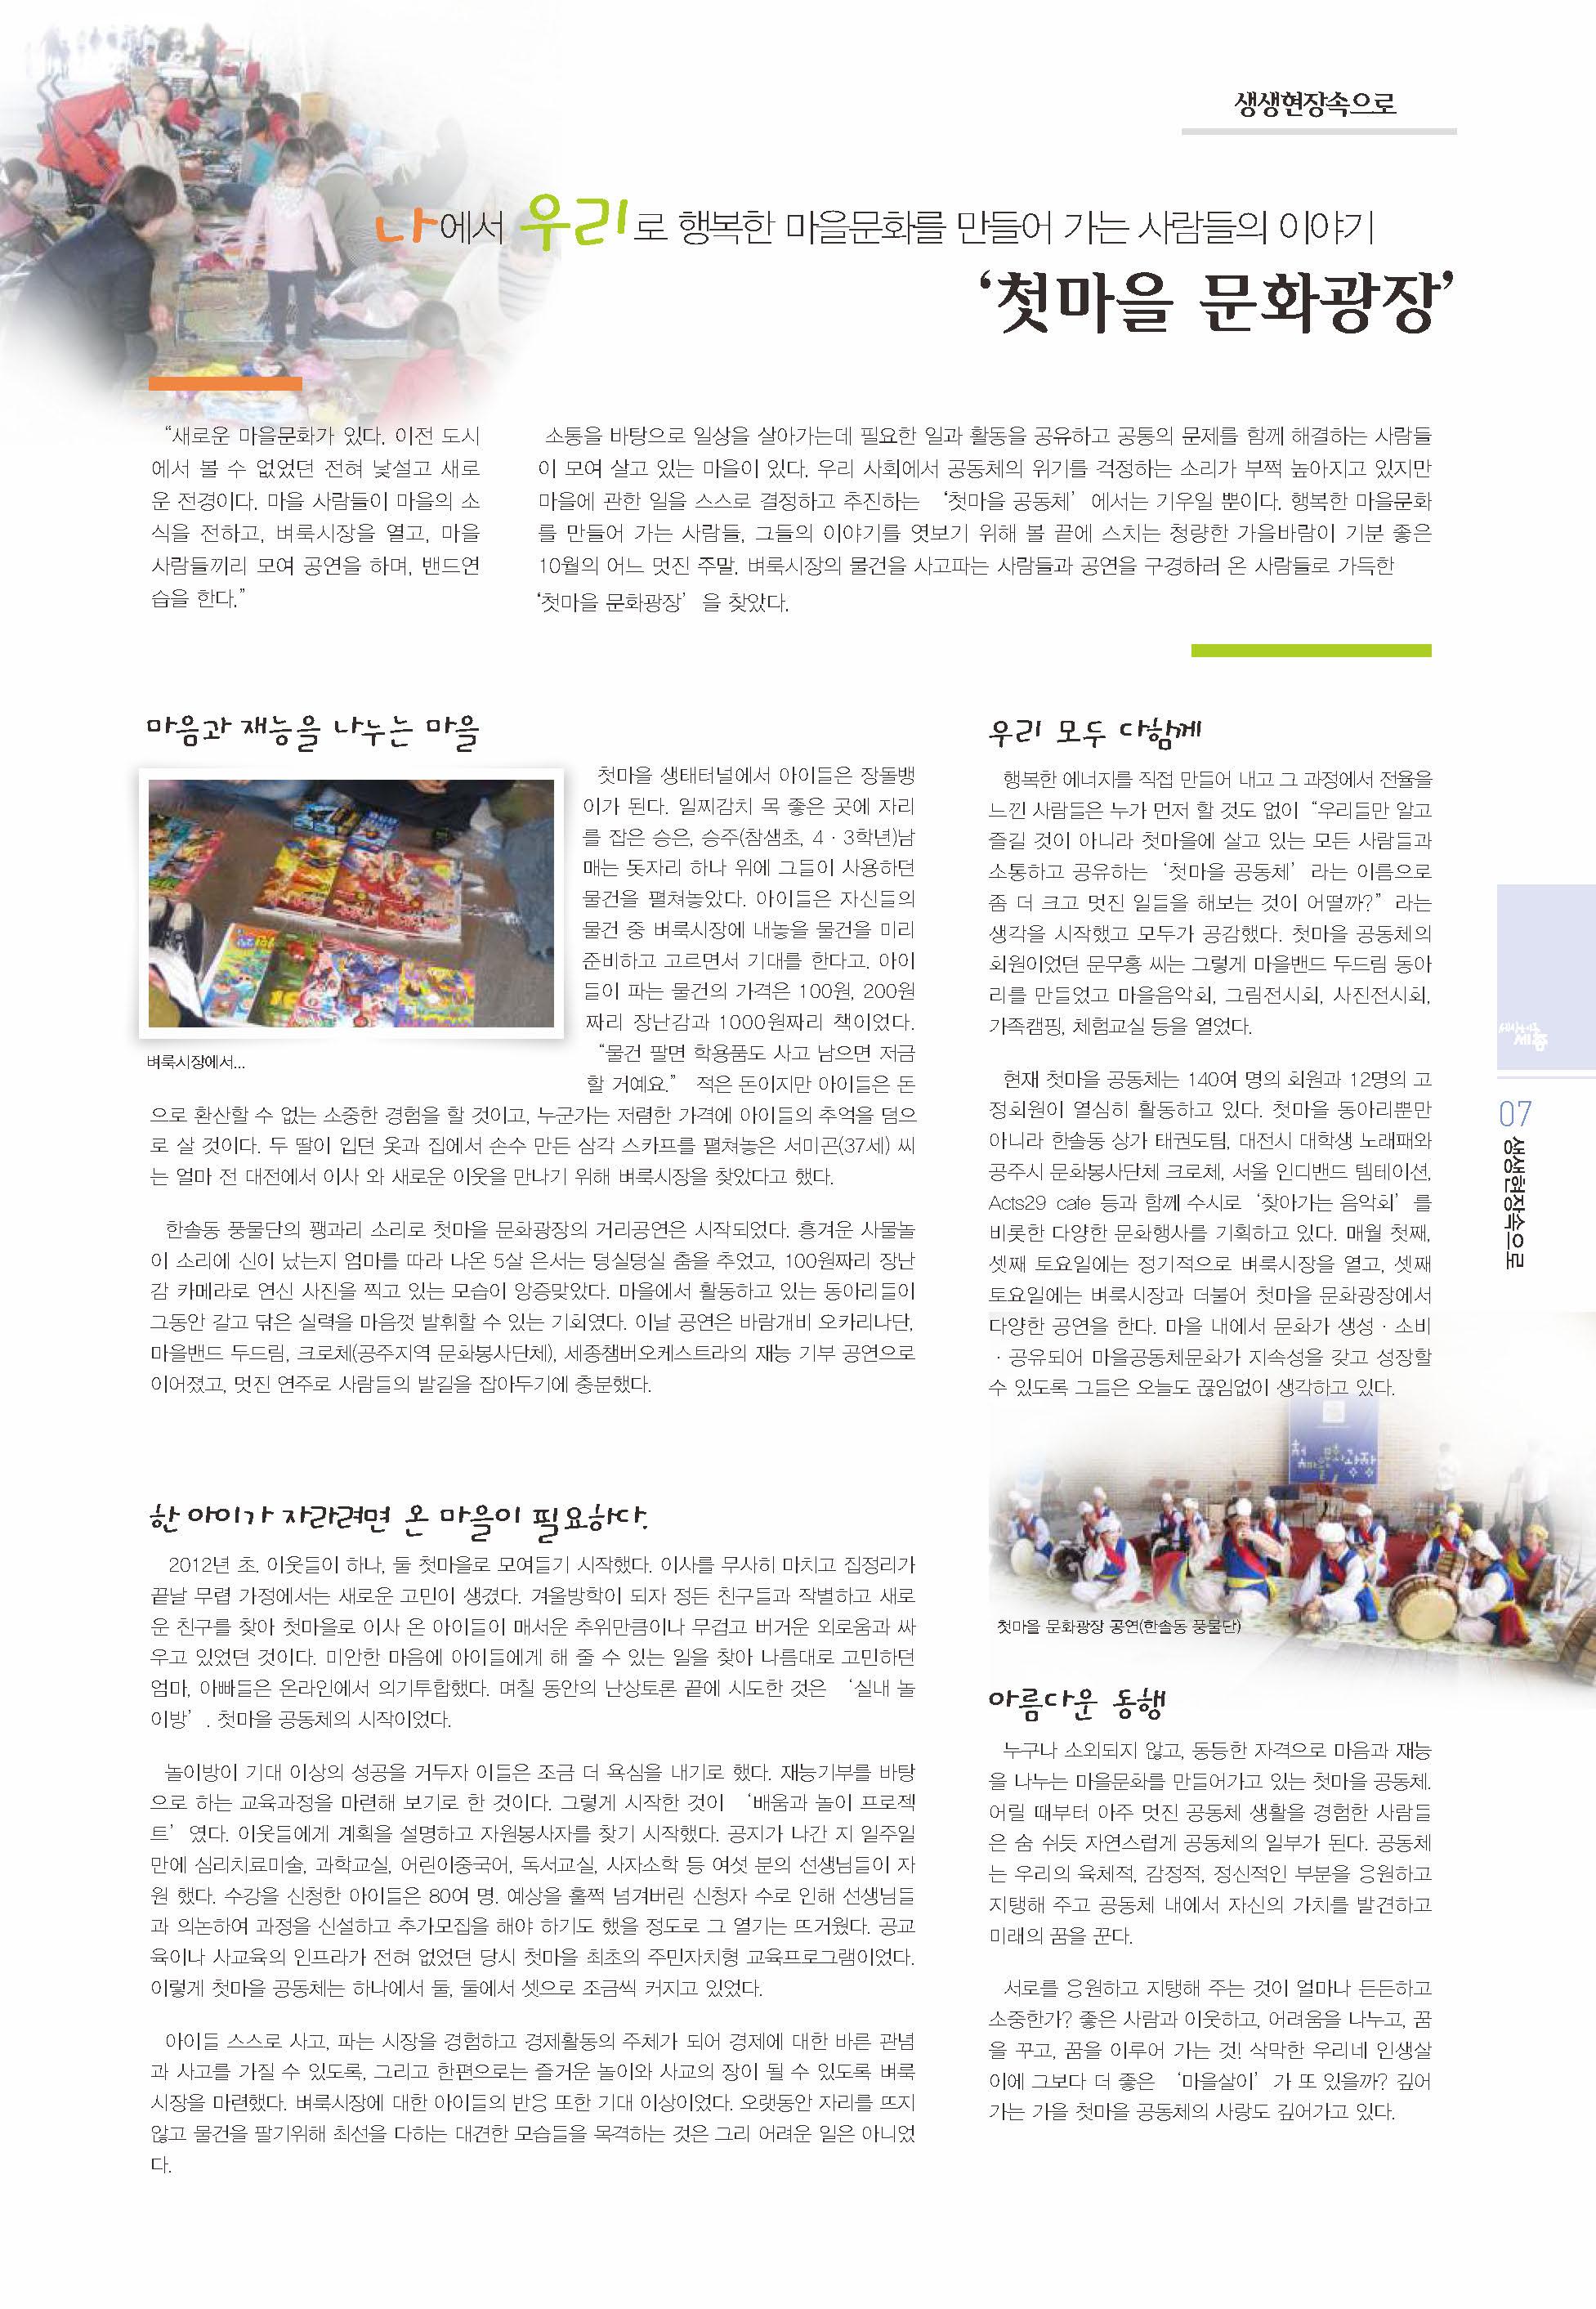 세종소식지 11월호_페이지_07.jpg